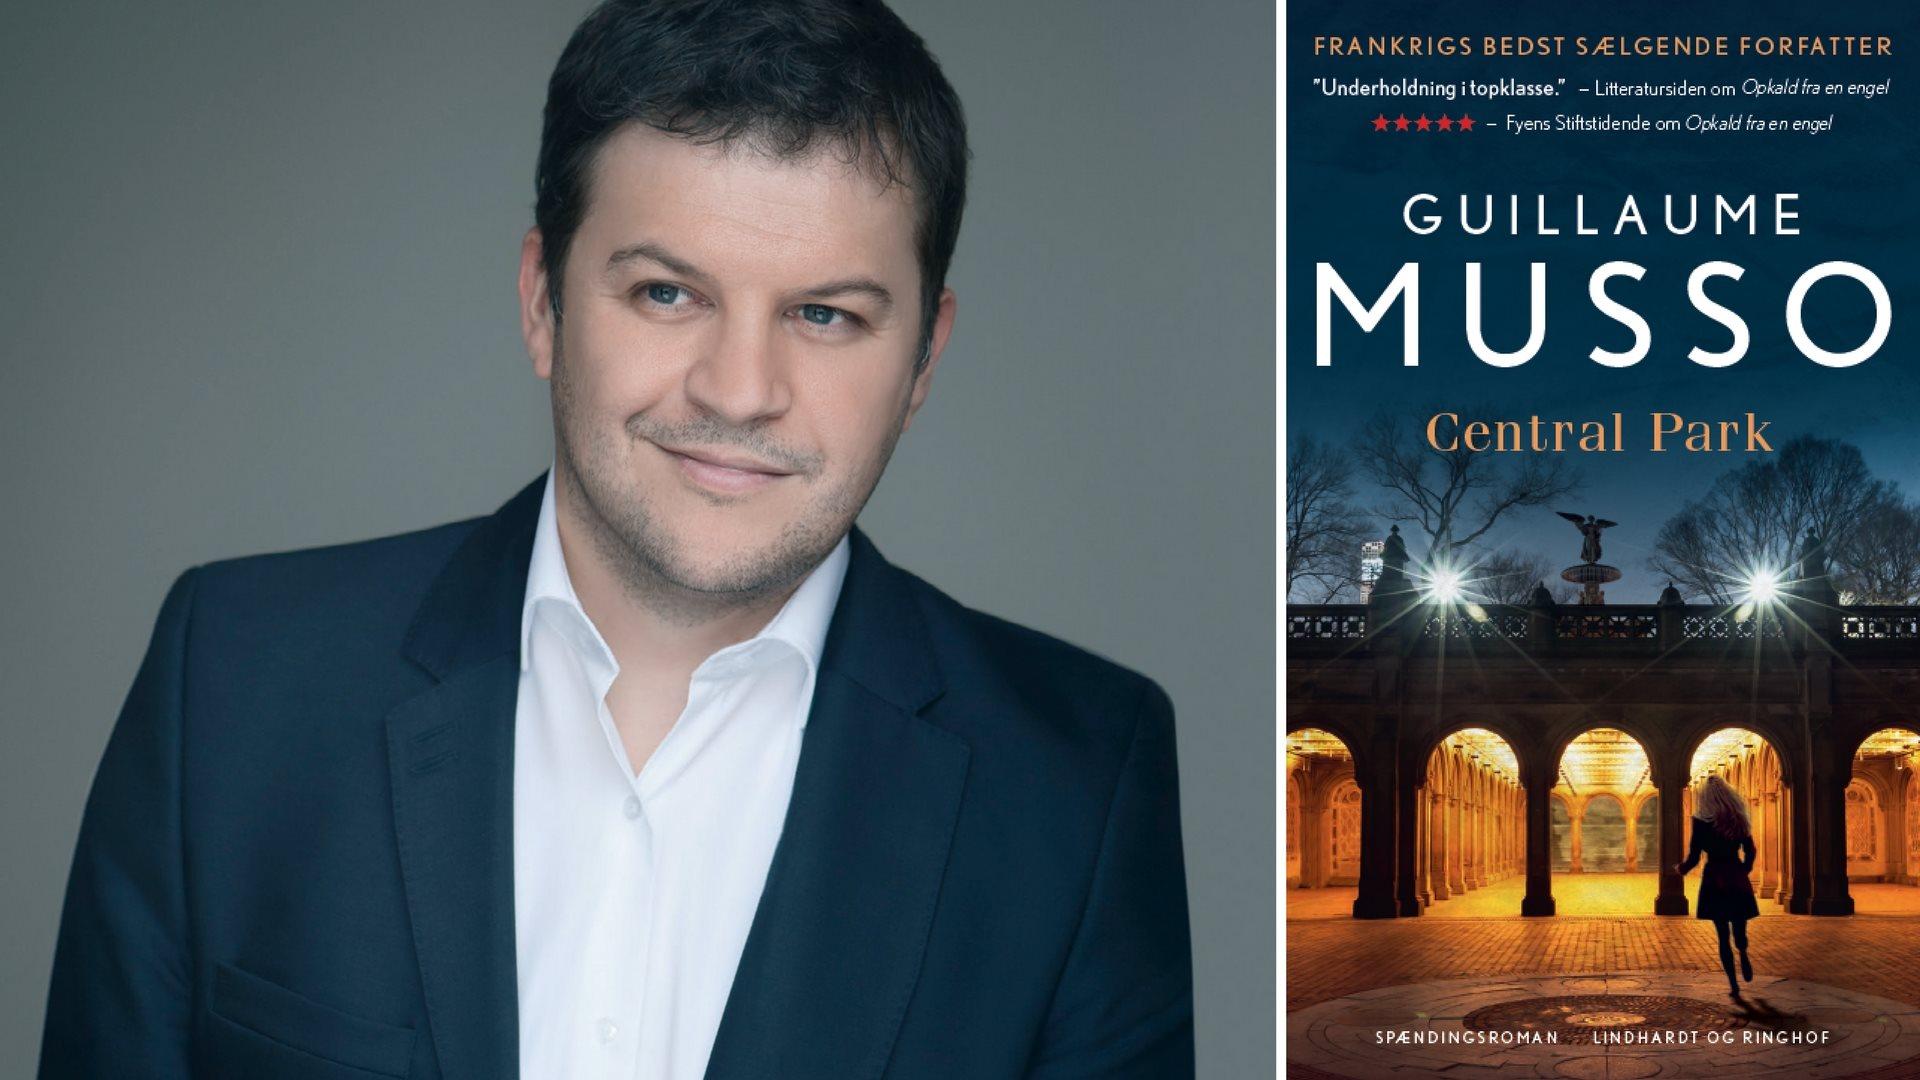 Guillaume Musso Central Park Opkald fra en engel